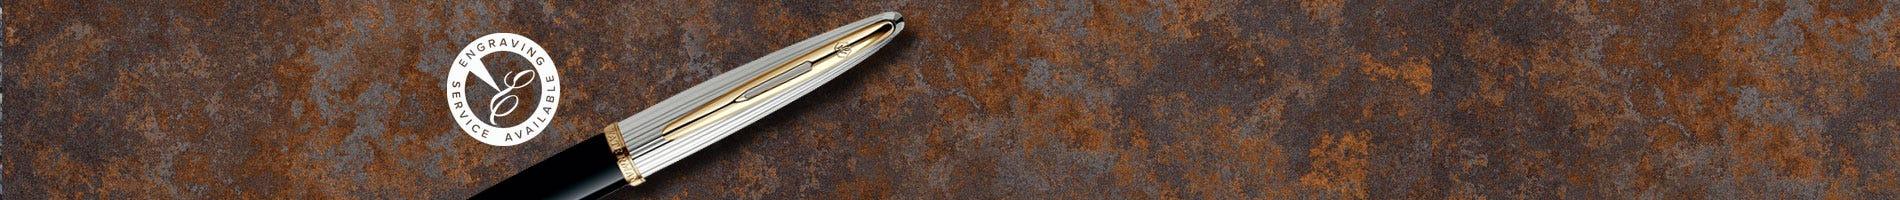 Waterman Carene deluxe ballpoint pen